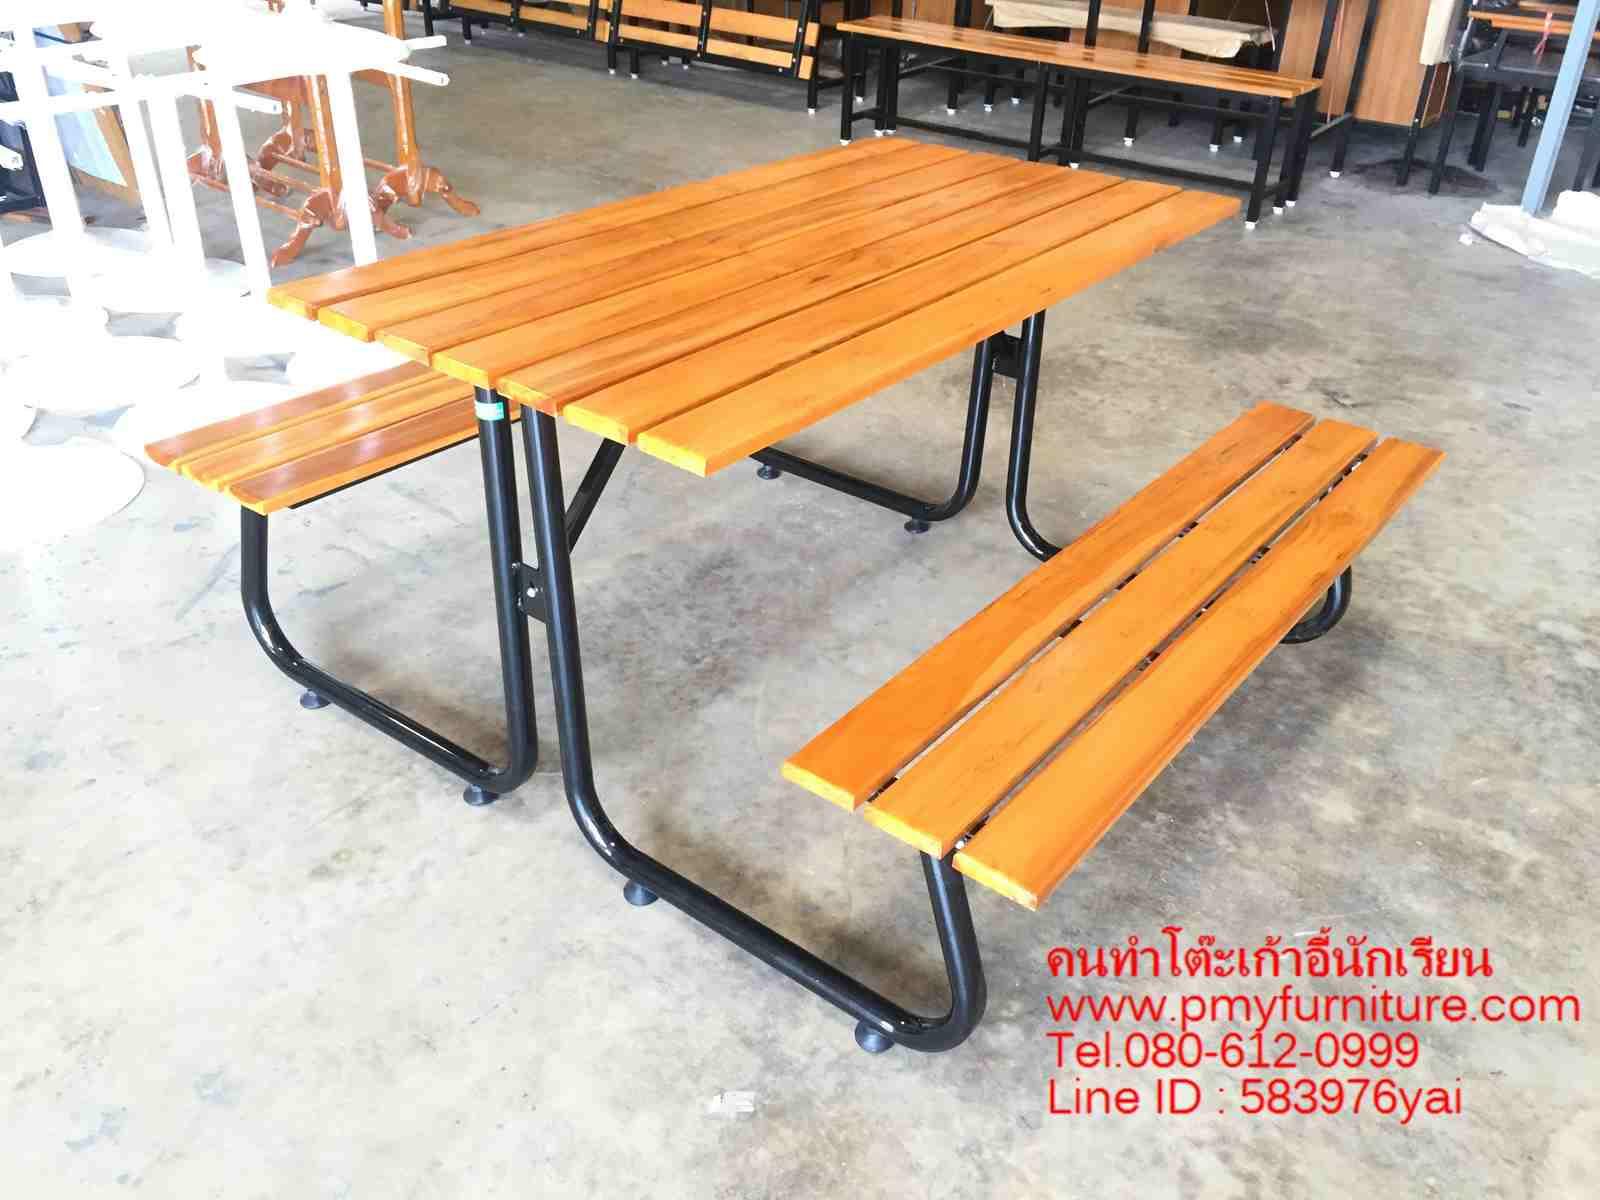 pmy5-28 โต๊ะโรงอาหาร ขาตัว J ขาดำ 120 ซม.